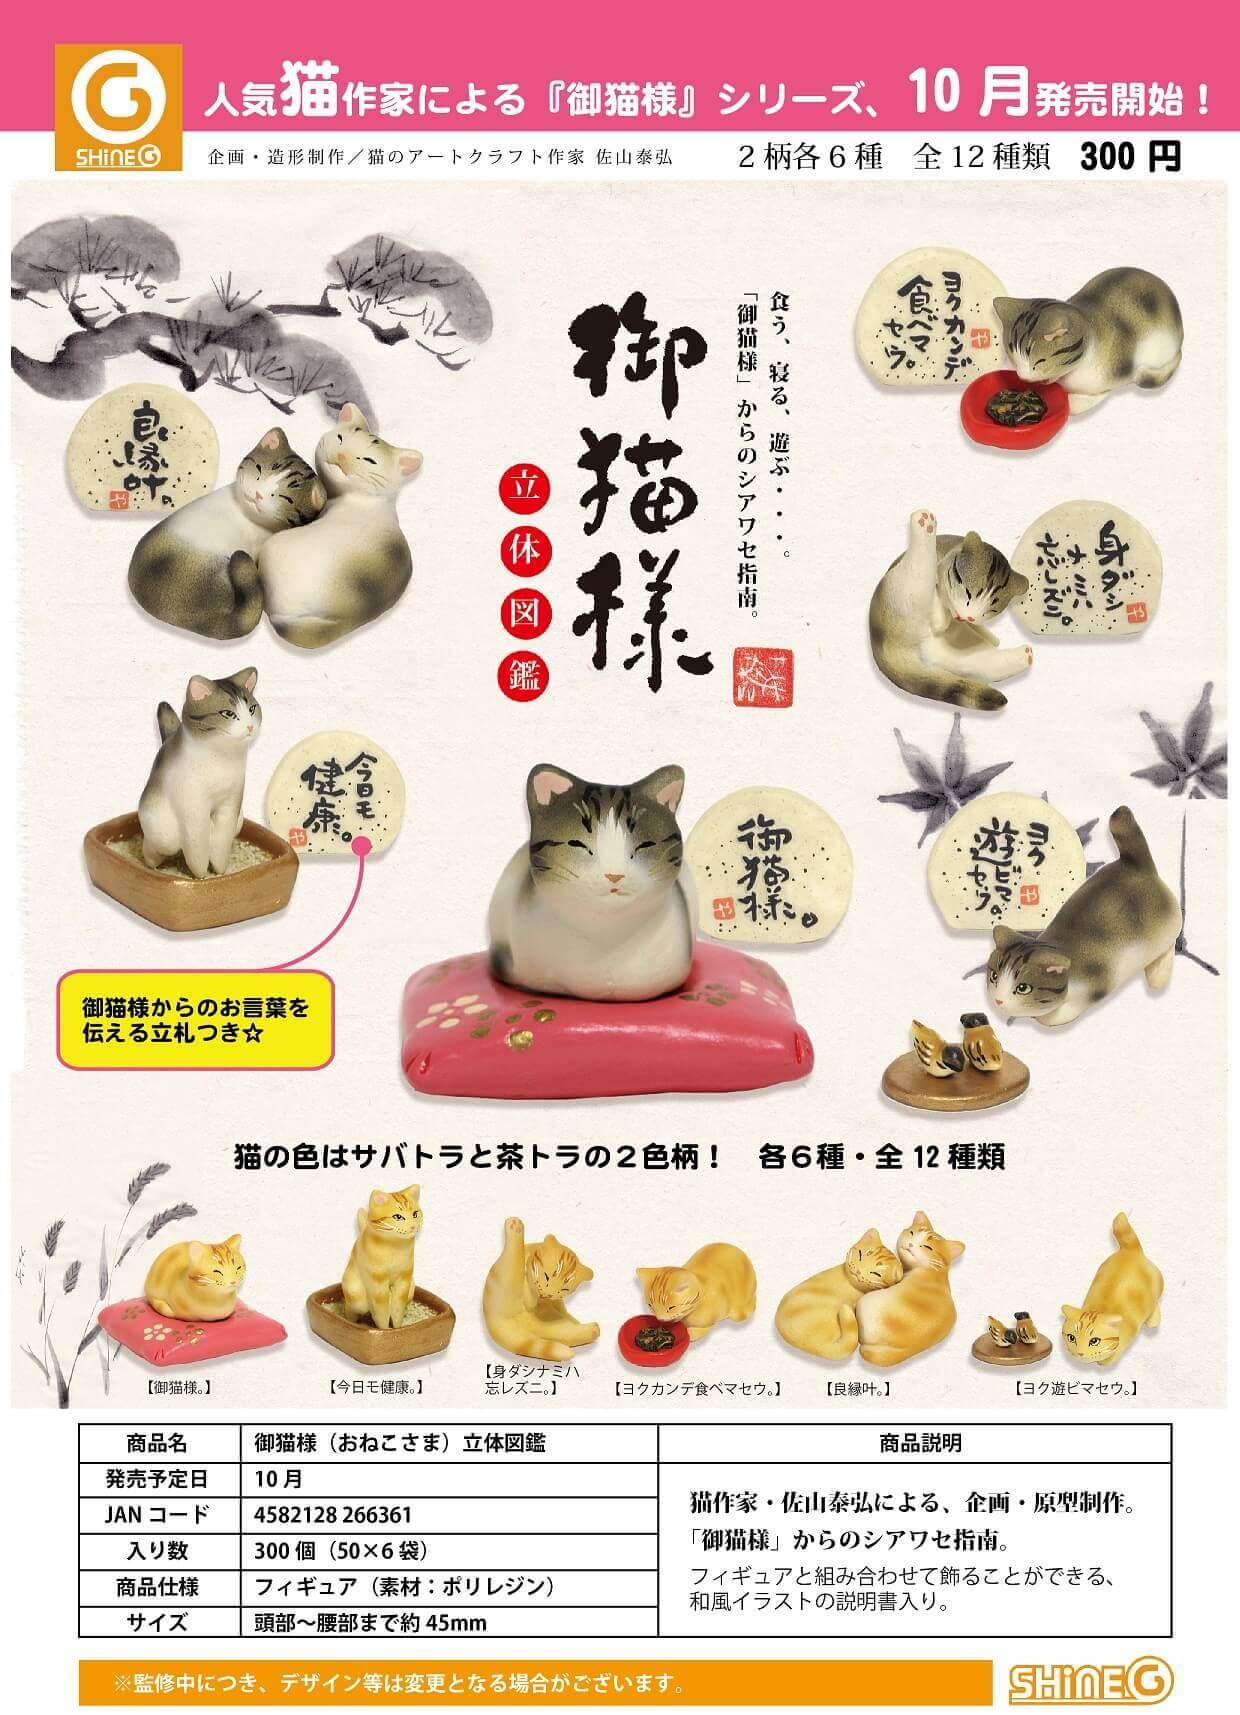 御猫様(おねこさま)立体図鑑(50個入り)